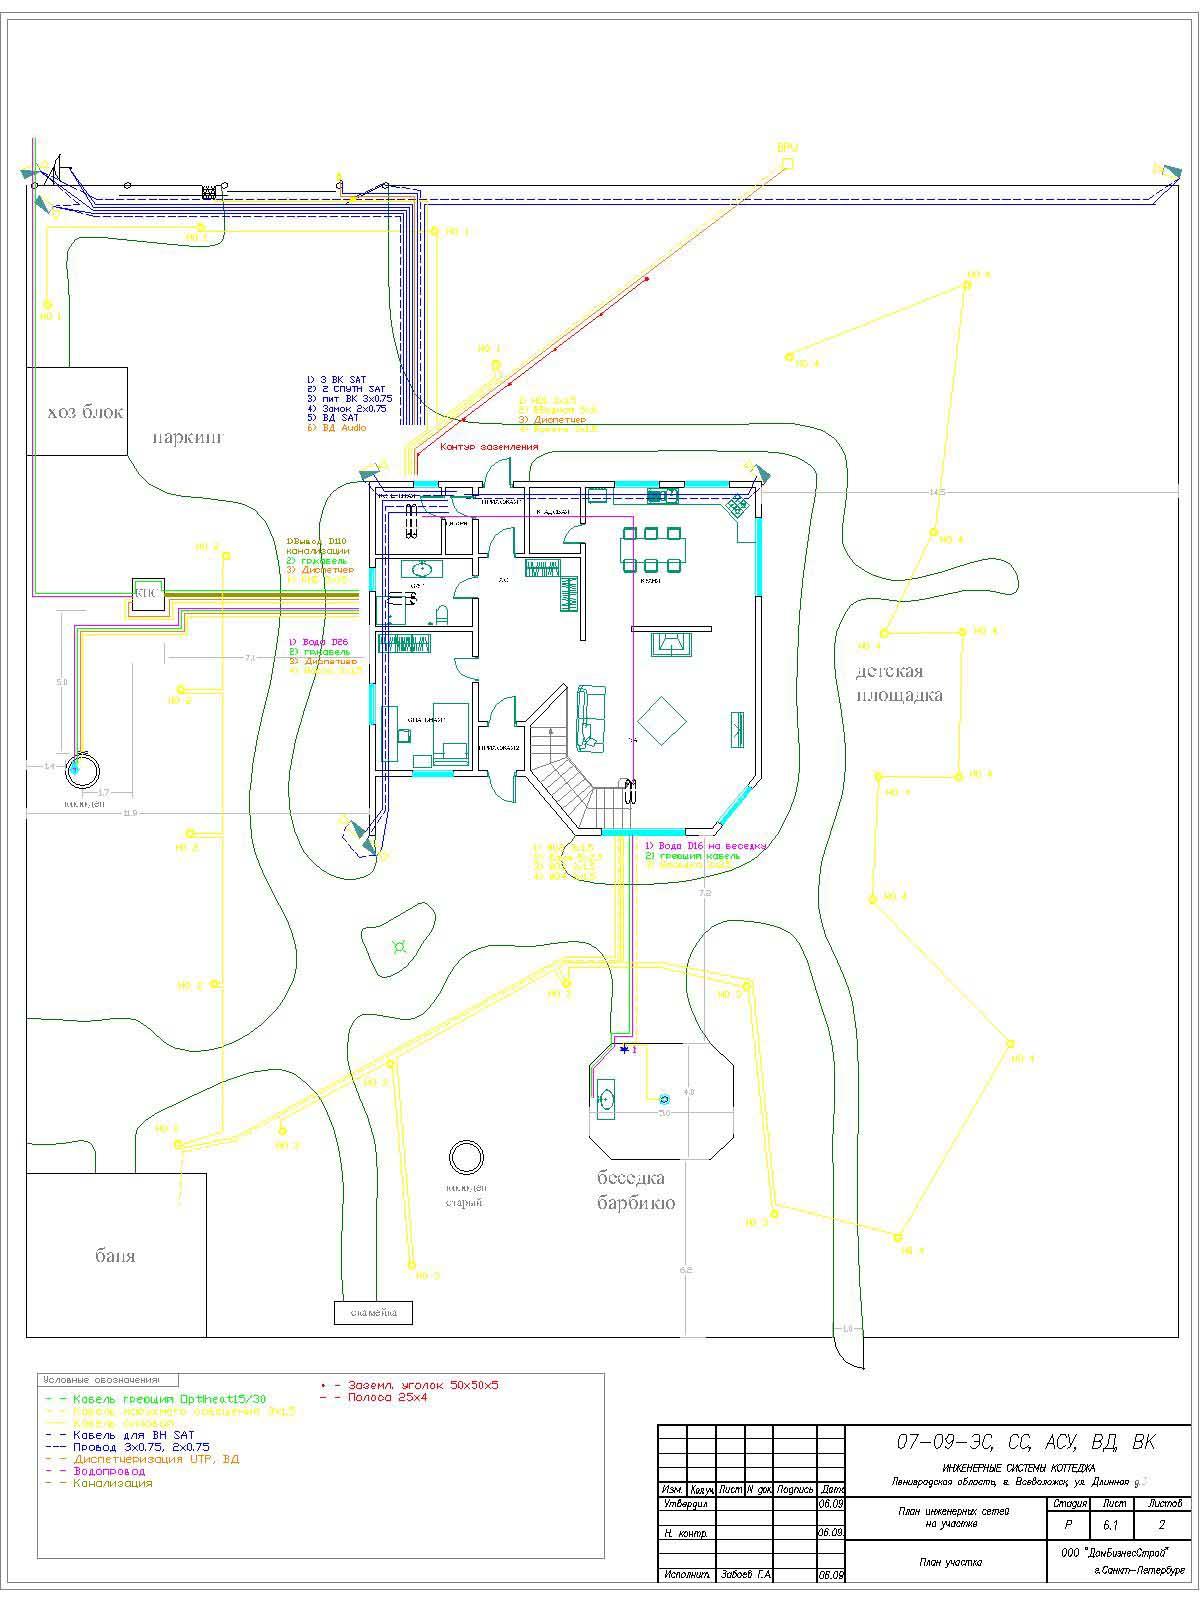 СП 8131302009 Системы противопожарной защиты Источники